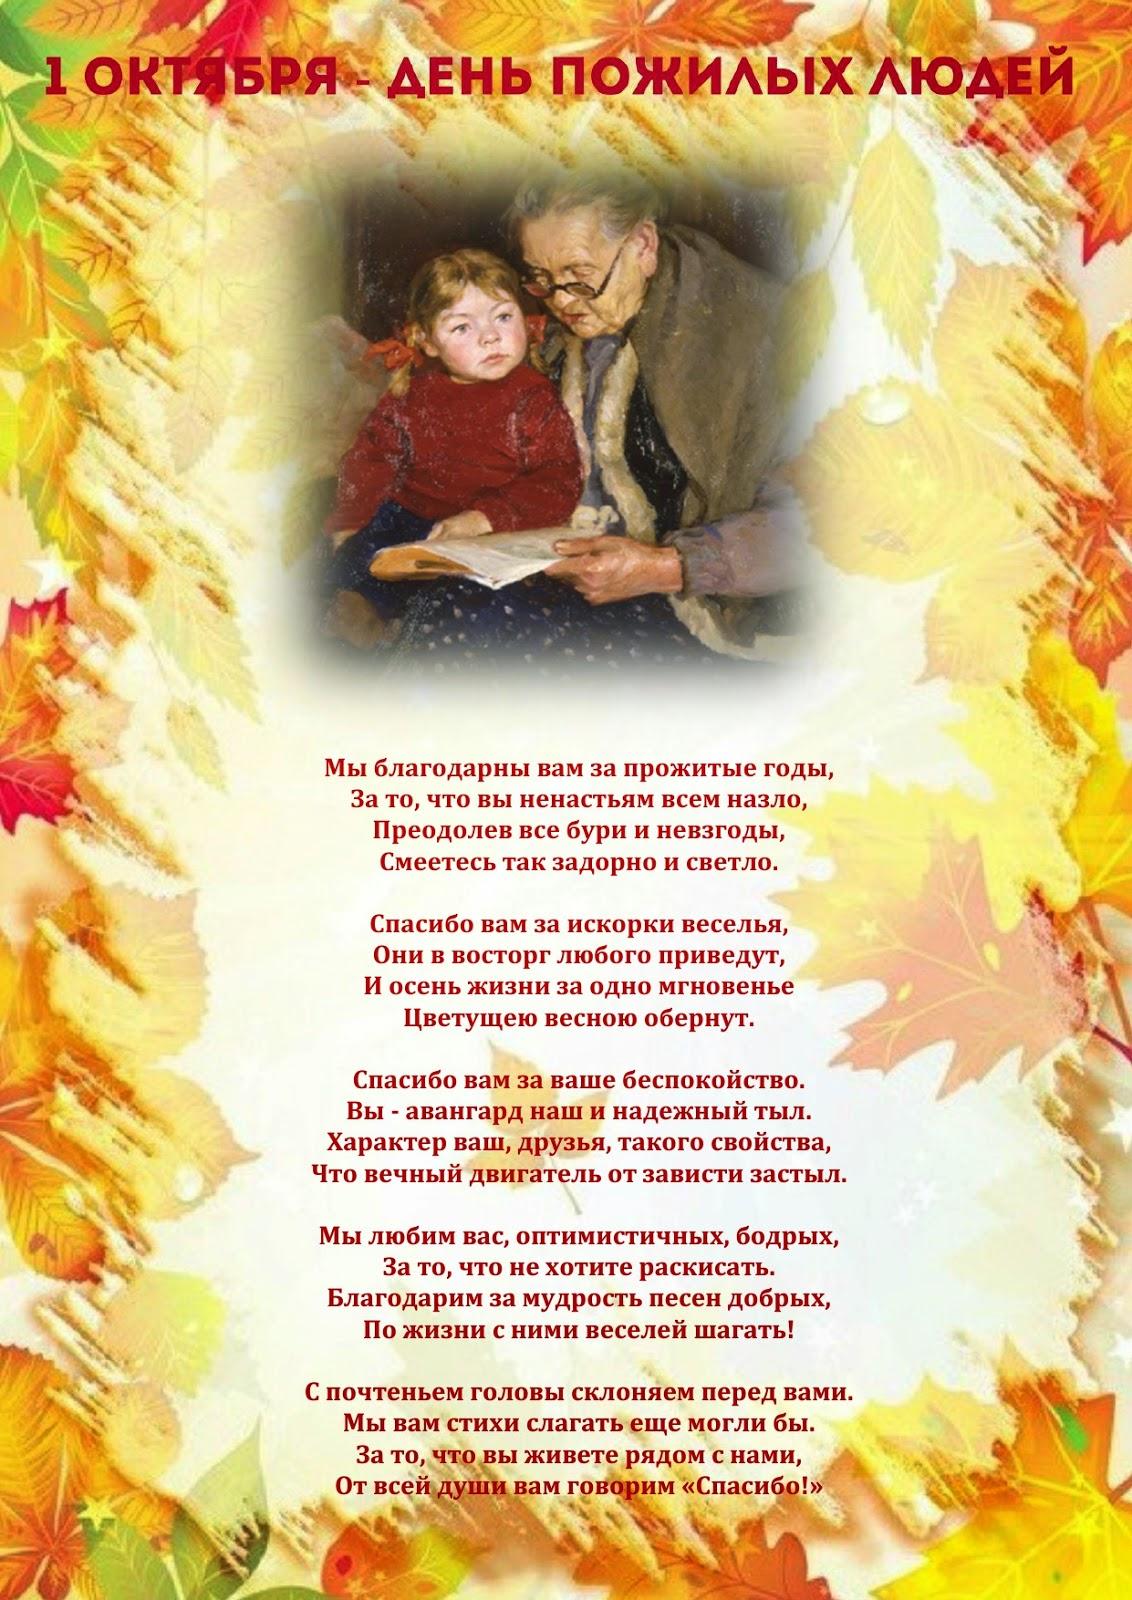 Детские стихи к дню пожилого человека поздравления